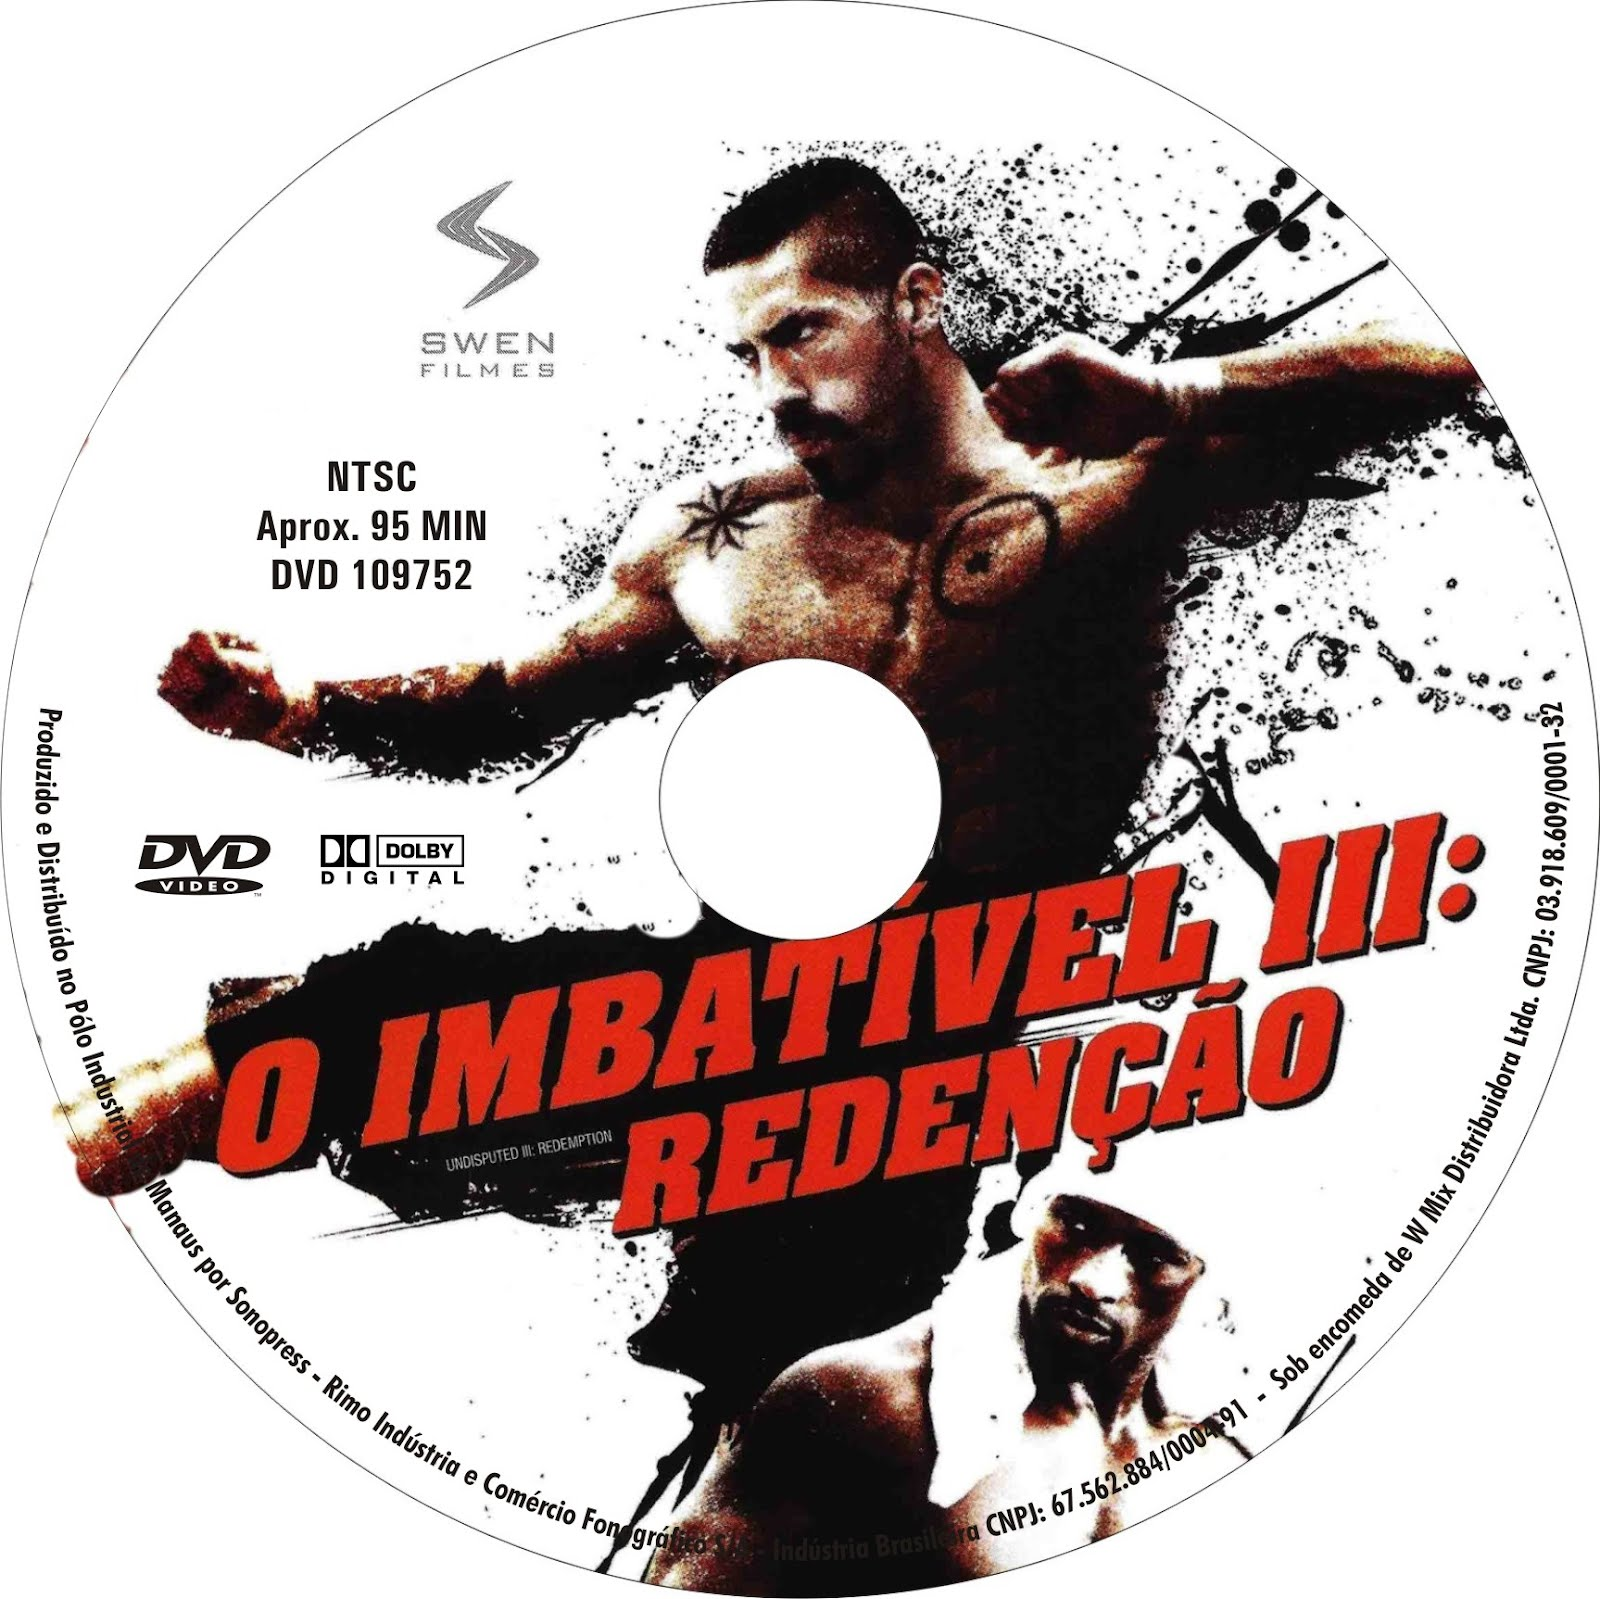 Imbatível 3 Delightful super capas: o melhor site de capas de dvd, cd, filmes e download